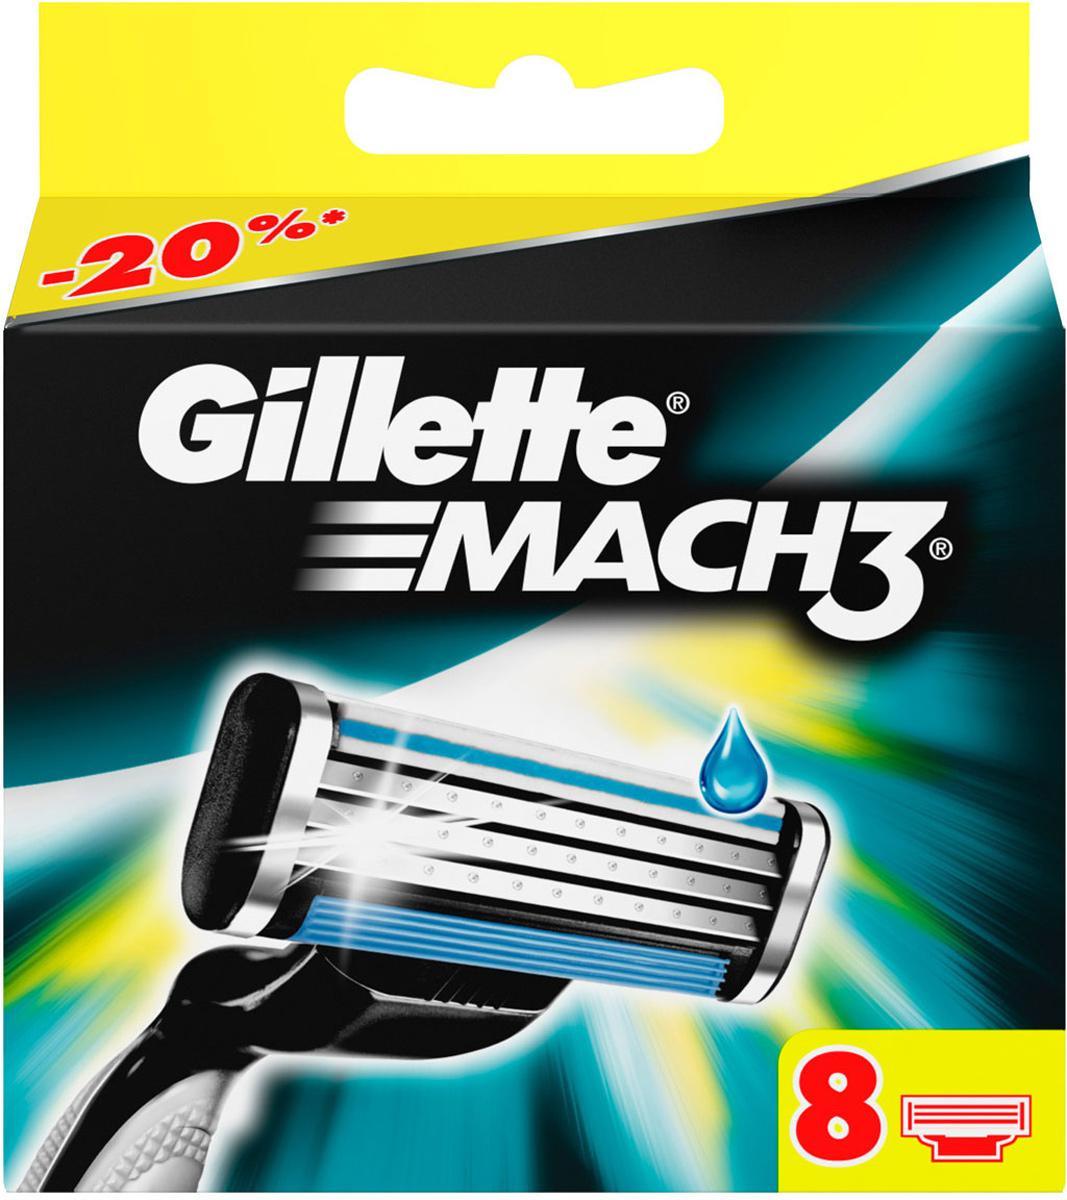 Сменные кассеты для бритья Gillette Mach 3, 8 шт.MAG-13284671Даже 10-ое бритье Mach3 комфортнее 1-го одноразовой бритвой. Почувствуйте исключительную эффективность Mach3! Это бритва включает в себя гелевую полоску, которая способствует скольжению и защищает кожу от покраснения, также полоска исчезает, когда кассету пора менять. Плавающая головка обеспечивает тесный контакт лезвий с кожей, удобная ручка адаптируется к контурам лица для более легкого и комфортного бритья (по сравнению с одноразовыми бритвенными станками Blueell Plus). Даже после десятого использования бритвы ощущения более приятные, чем от одноразовых станков (по сравнению с одноразовыми станками для бритья Bluell Plus). По сравнению с Gillette BlueII Plus Срок хранения – 5 лет. Страна производства – Польша. Характеристики:Комплектация: 8 сменных кассет. Товар сертифицирован.Состав смазывающей полоски: PEG-115M, PEG-7M, PEG-100, BHT, TOCOPHERYL ACETATE.